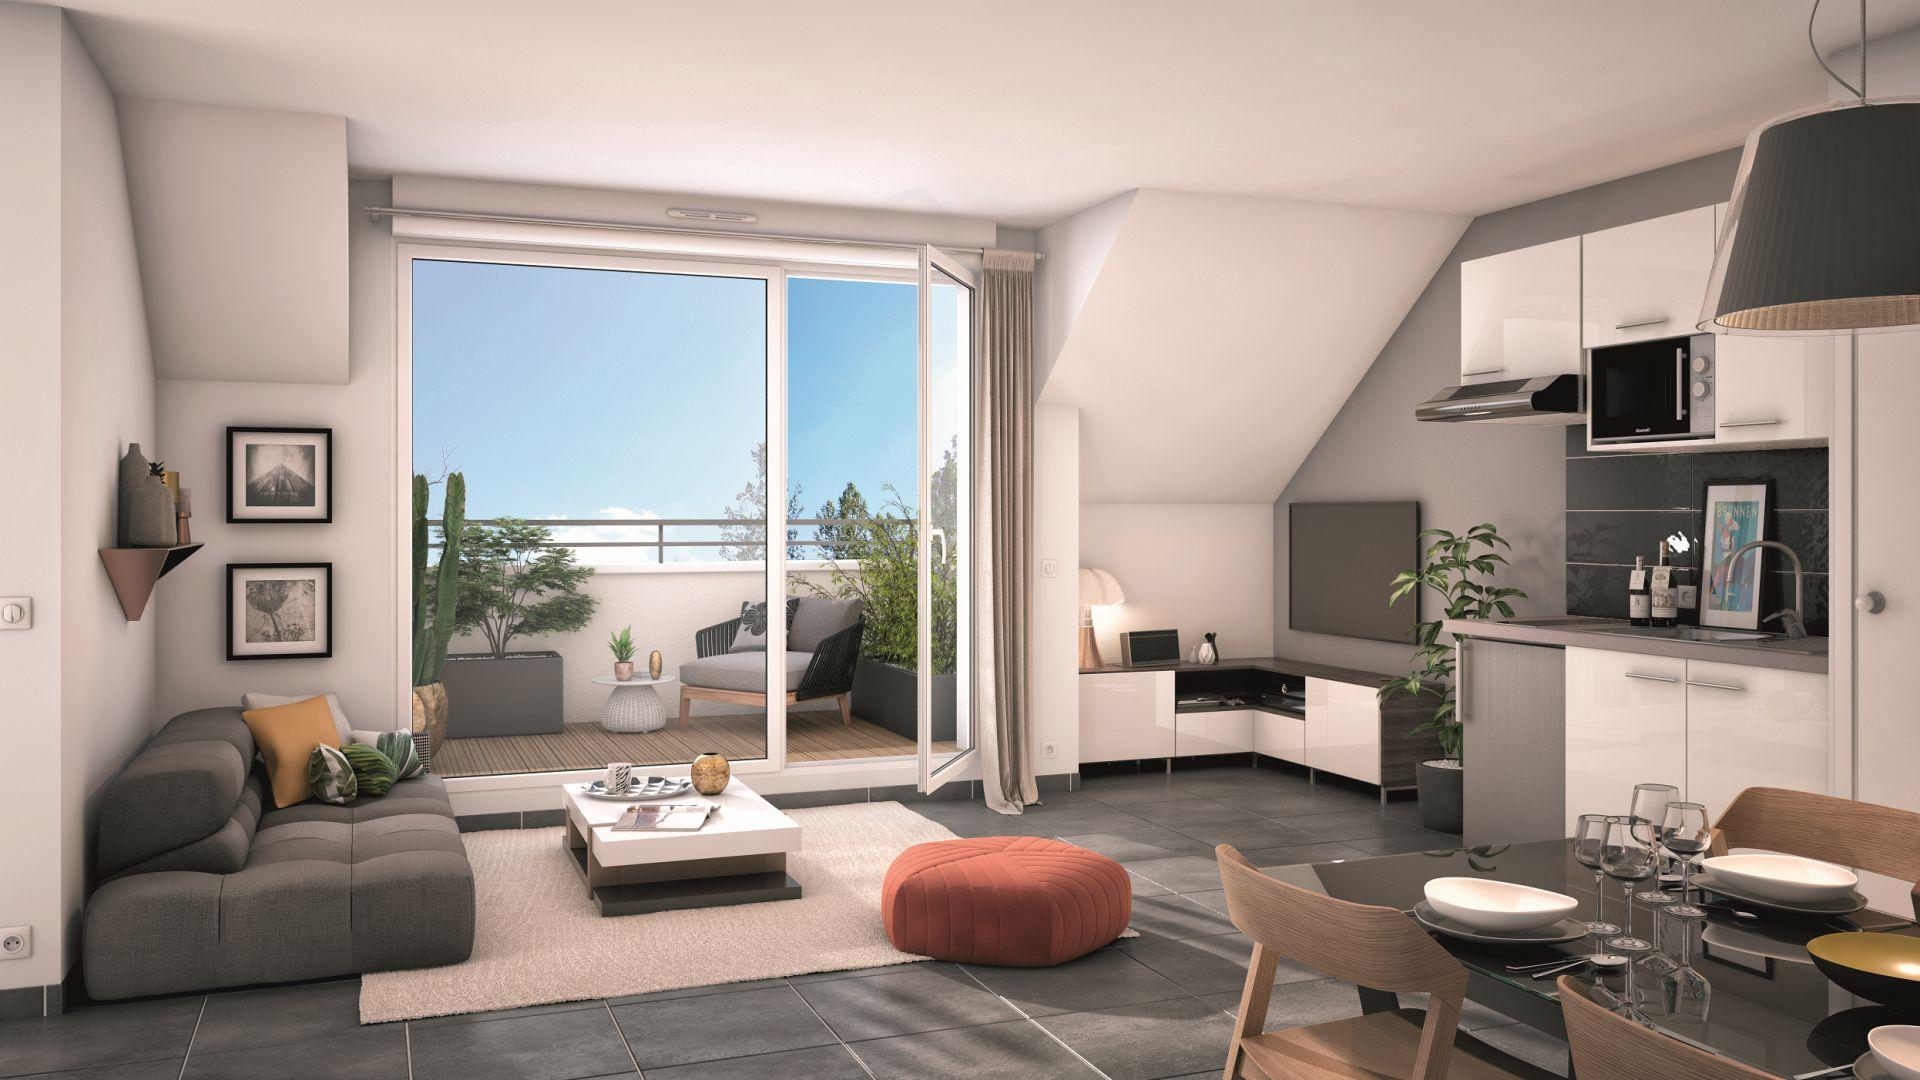 GreenCity immobilier - Villemomble 93250 - Villa Offenbach - Appartements neufs du T1 bis au T4 - vue intérieure